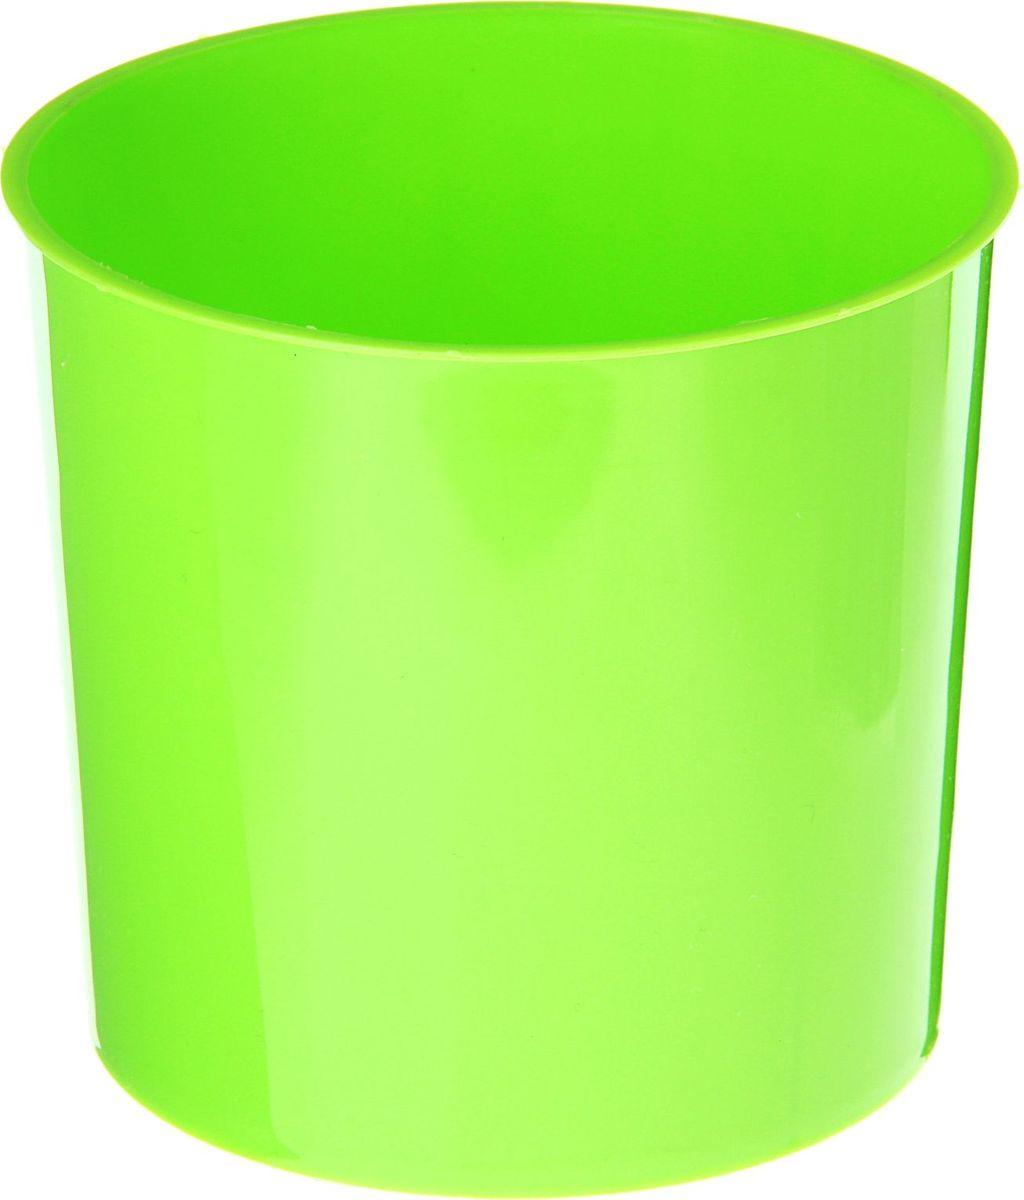 Горшок для цветов VesnaDecor, цвет: салатовый, 11 х 10,5 х 11 см10503Любой, даже самый современный и продуманный интерьер будет не завершённым без растений. Они не только очищают воздух и насыщают его кислородом, но и заметно украшают окружающее пространство. Такому полезному &laquo члену семьи&raquoпросто необходимо красивое и функциональное кашпо, оригинальный горшок или необычная ваза! Мы предлагаем - Горшок 800 мл для цветов d=11 см, цвет салатовый!Оптимальный выбор материала &mdash &nbsp пластмасса! Почему мы так считаем? Малый вес. С лёгкостью переносите горшки и кашпо с места на место, ставьте их на столики или полки, подвешивайте под потолок, не беспокоясь о нагрузке. Простота ухода. Пластиковые изделия не нуждаются в специальных условиях хранения. Их&nbsp легко чистить &mdashдостаточно просто сполоснуть тёплой водой. Никаких царапин. Пластиковые кашпо не царапают и не загрязняют поверхности, на которых стоят. Пластик дольше хранит влагу, а значит &mdashрастение реже нуждается в поливе. Пластмасса не пропускает воздух &mdashкорневой системе растения не грозят резкие перепады температур. Огромный выбор форм, декора и расцветок &mdashвы без труда подберёте что-то, что идеально впишется в уже существующий интерьер.Соблюдая нехитрые правила ухода, вы можете заметно продлить срок службы горшков, вазонов и кашпо из пластика: всегда учитывайте размер кроны и корневой системы растения (при разрастании большое растение способно повредить маленький горшок)берегите изделие от воздействия прямых солнечных лучей, чтобы кашпо и горшки не выцветалидержите кашпо и горшки из пластика подальше от нагревающихся поверхностей.Создавайте прекрасные цветочные композиции, выращивайте рассаду или необычные растения, а низкие цены позволят вам не ограничивать себя в выборе.